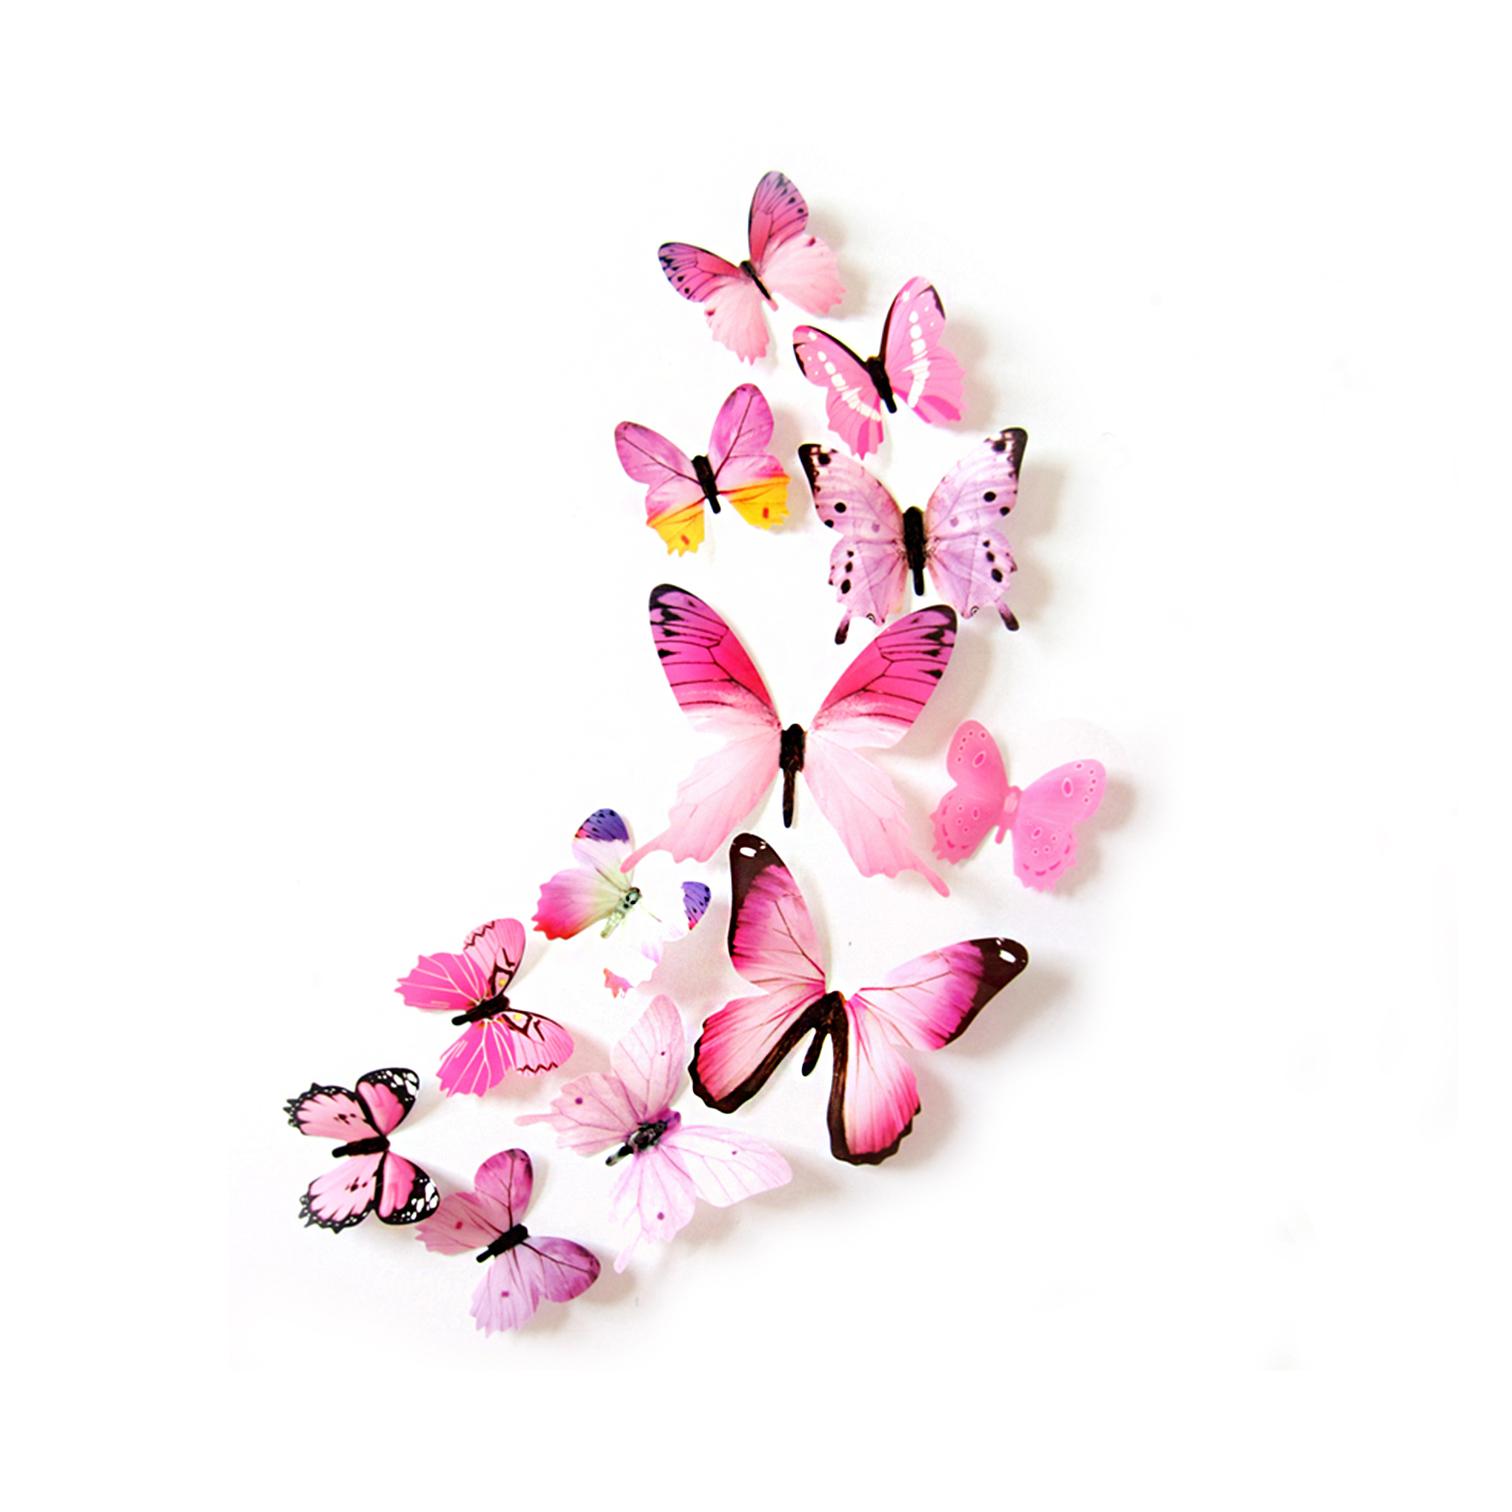 3D-Schmetterlinge-Blumen-12er-Set-Dekoration-Wandtattoo-Wandsticker-Wanddeko Indexbild 15